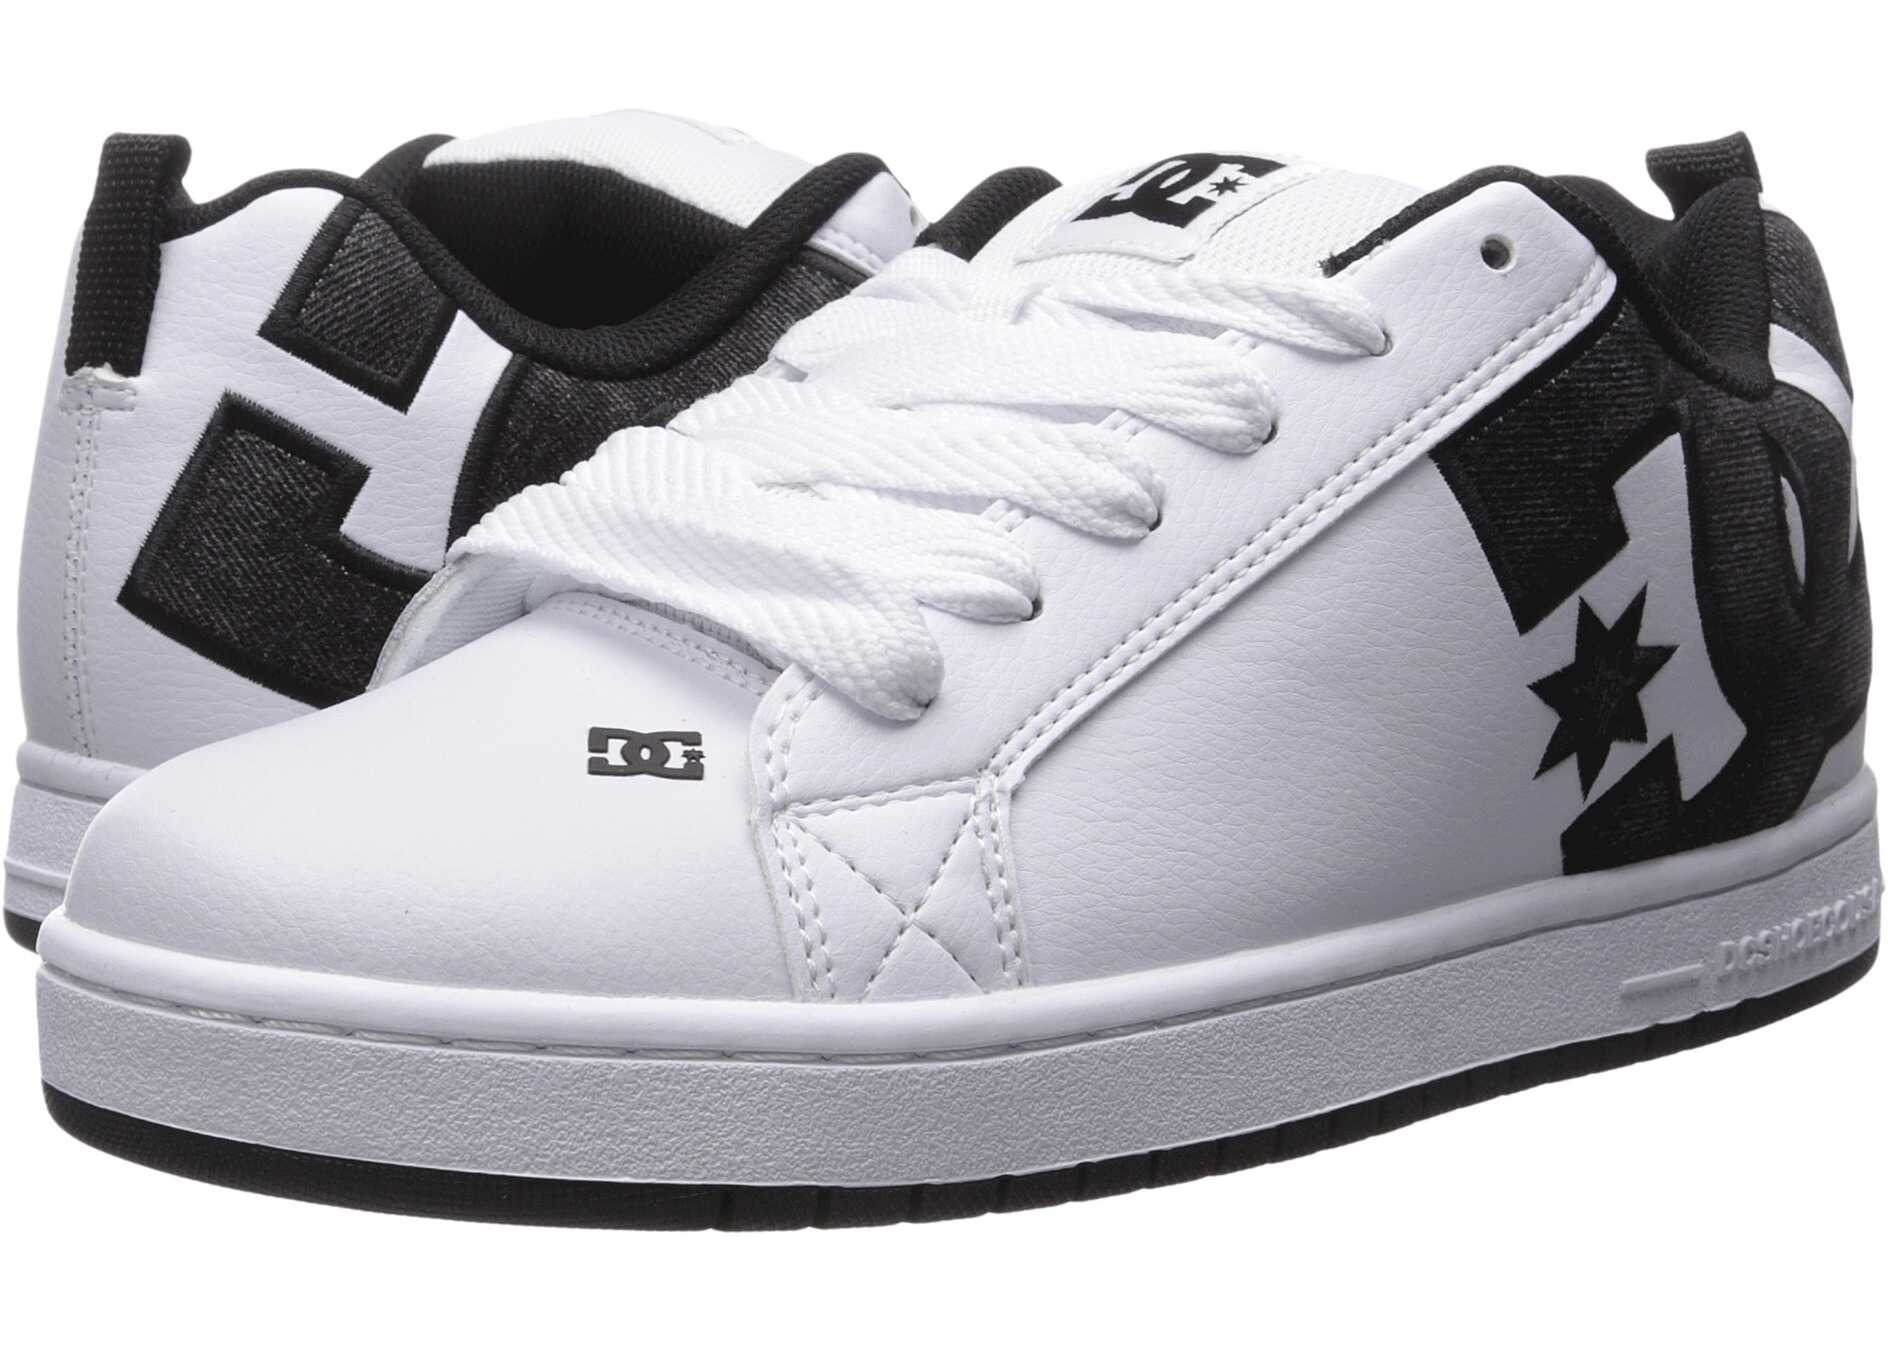 DC Court Graffik SE White/Grey/Black